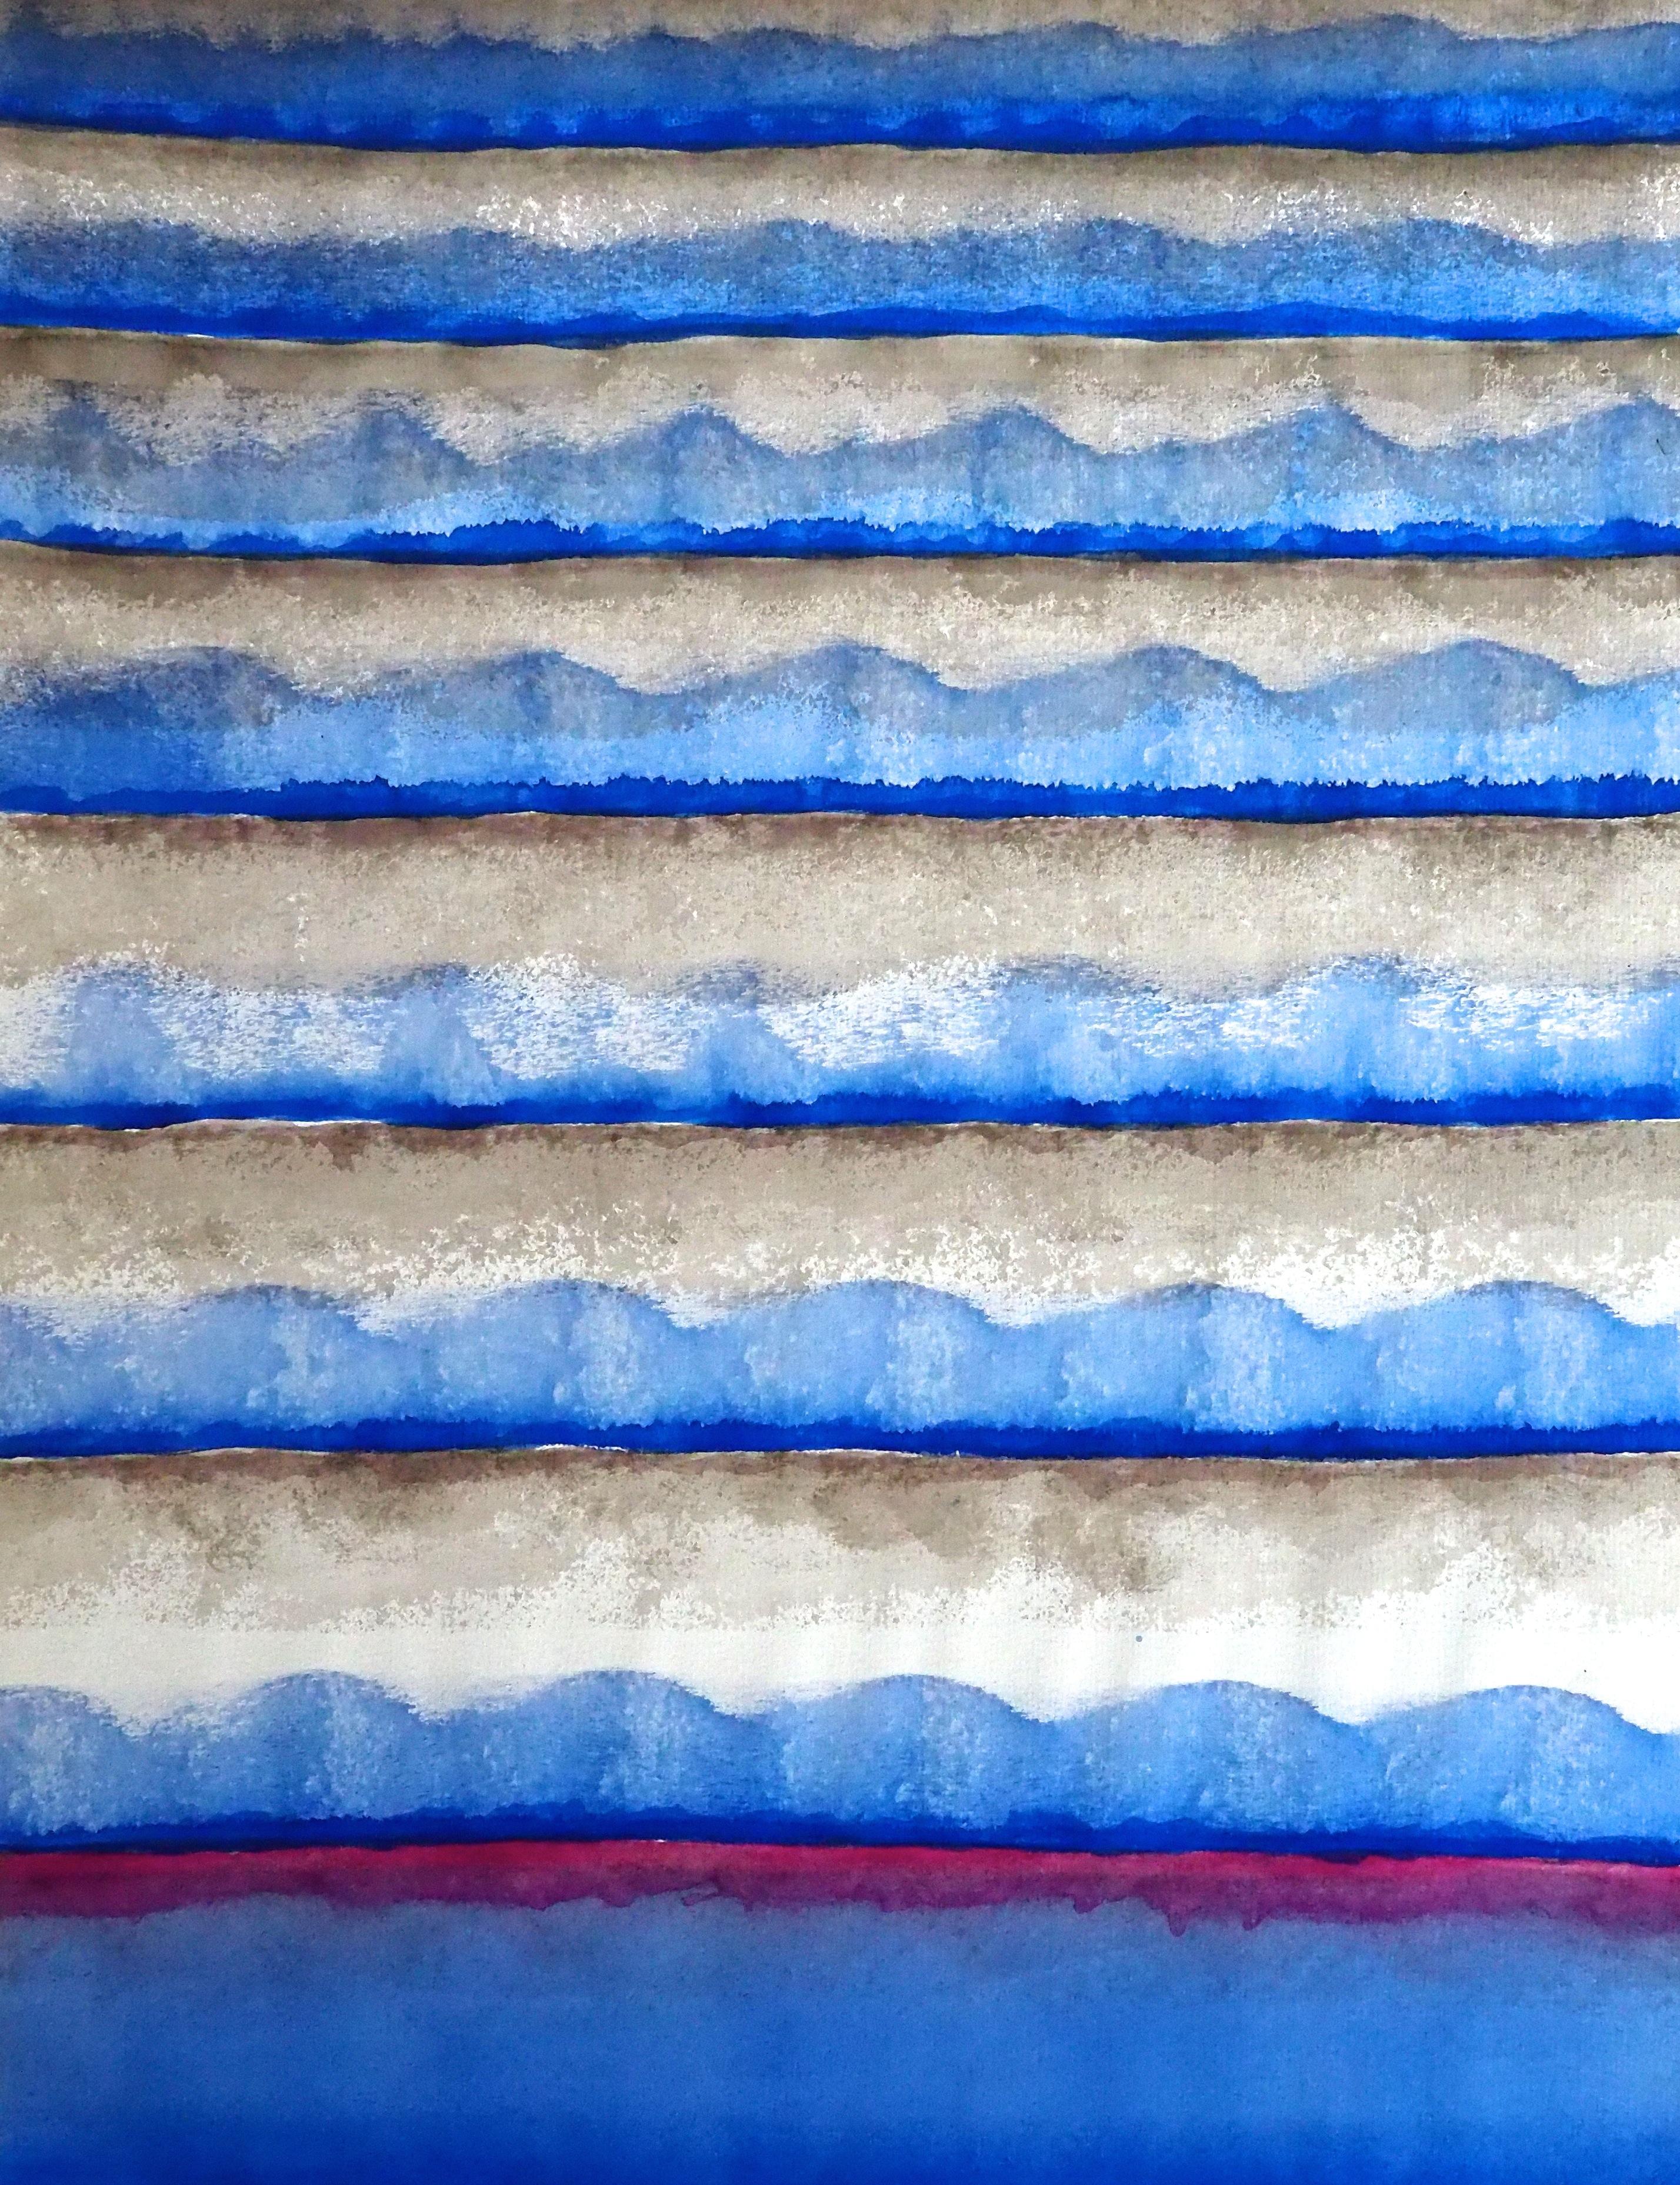 aquarelle 1976 - 57 x 77 cm